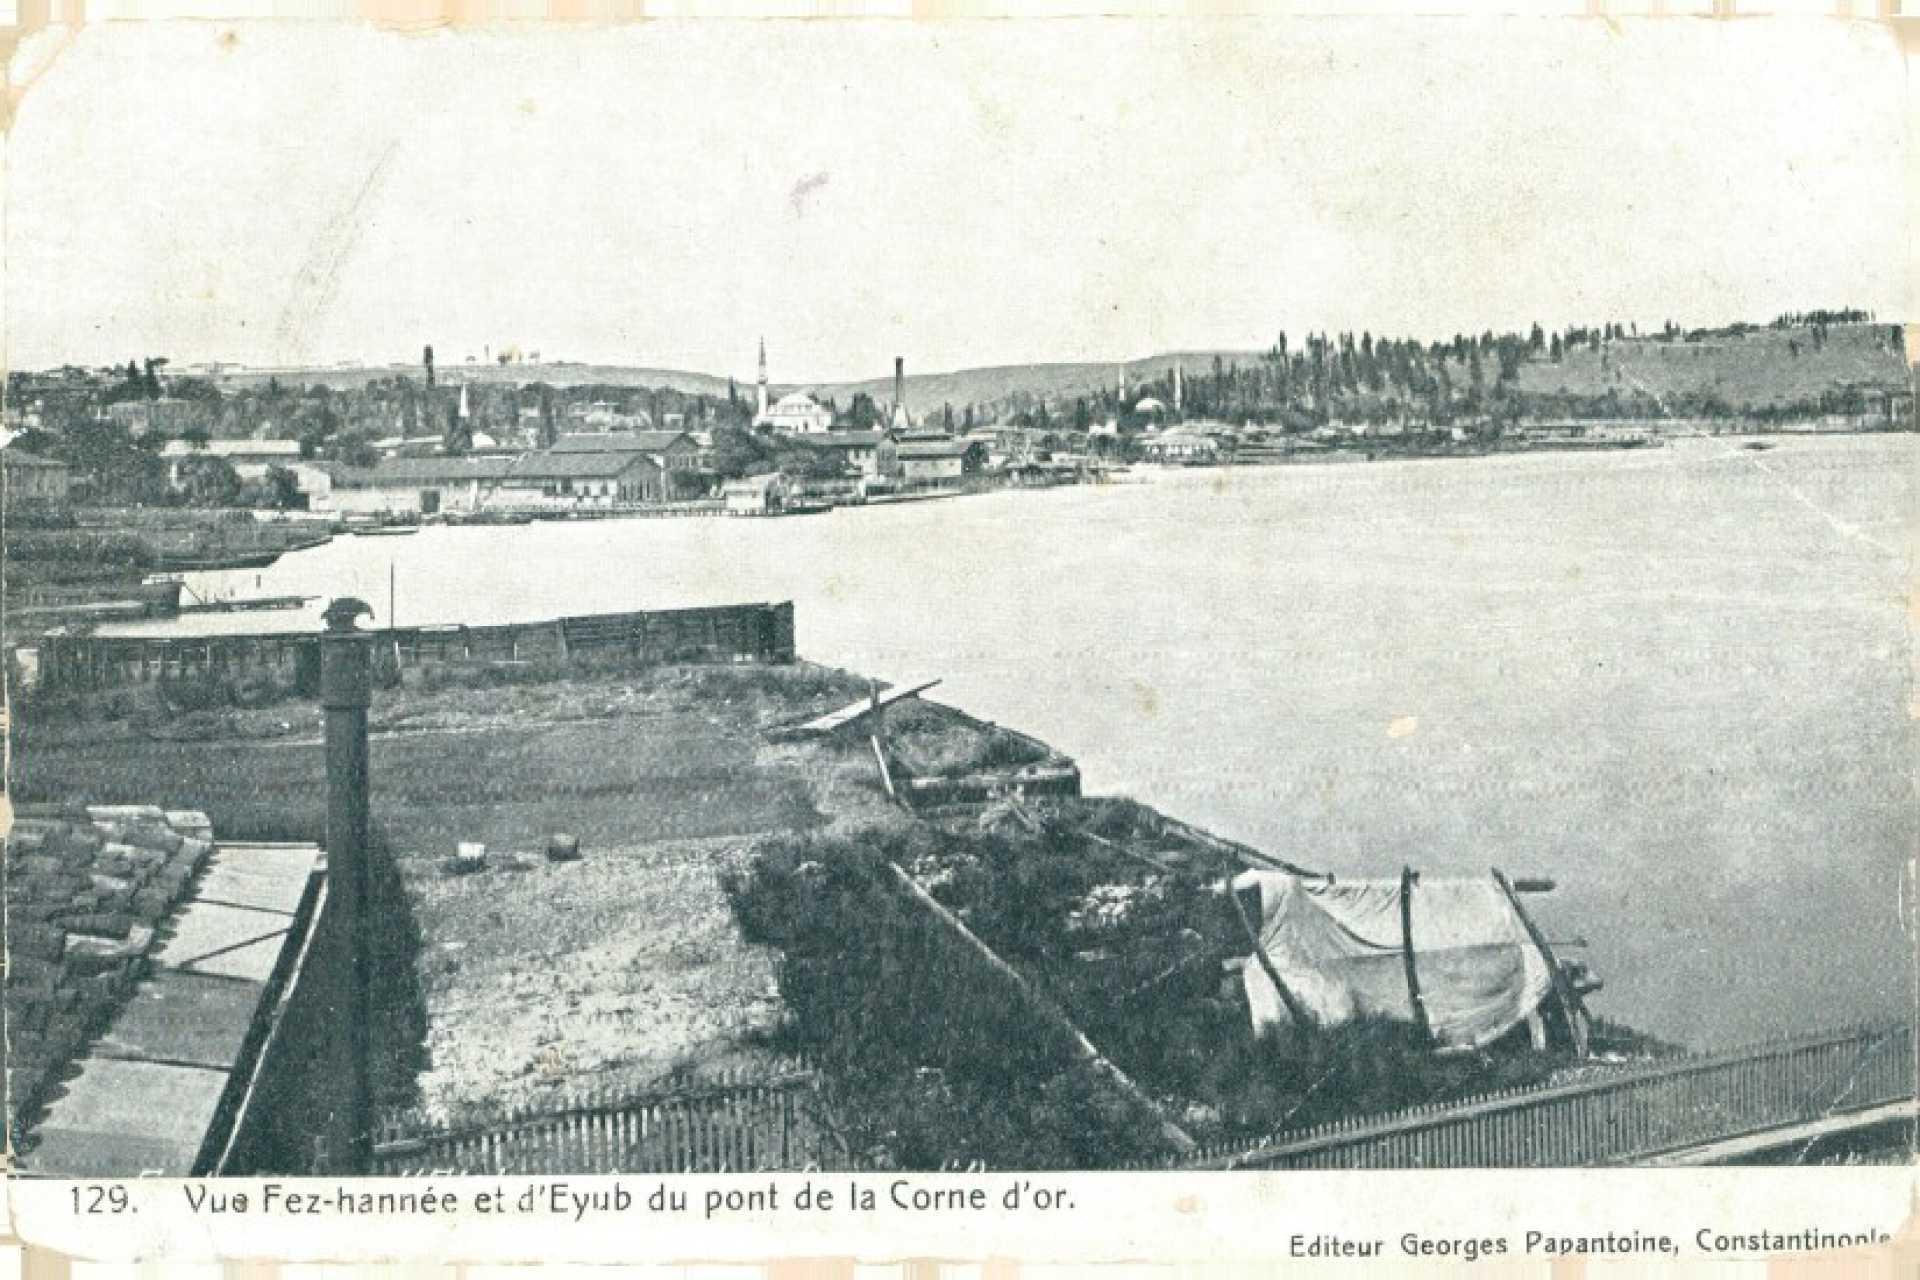 Vue fez-hannee et d'Eyub du pont de la Corne d'Or